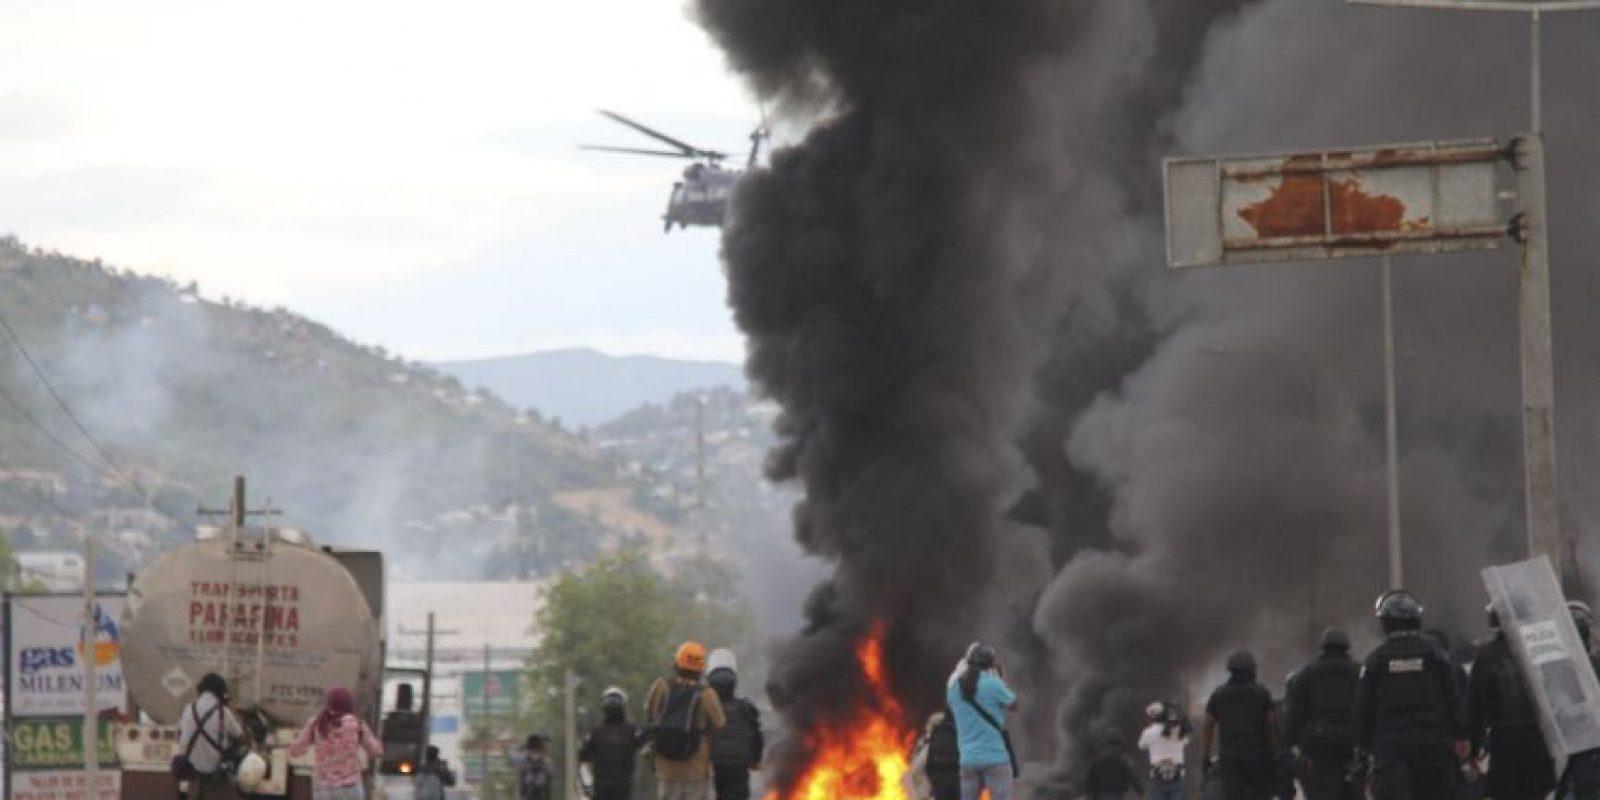 El saldo del enfrentamiento fue de seis personas muertas, 107 heridos y 21 detenidos Foto:Cuartoscuro